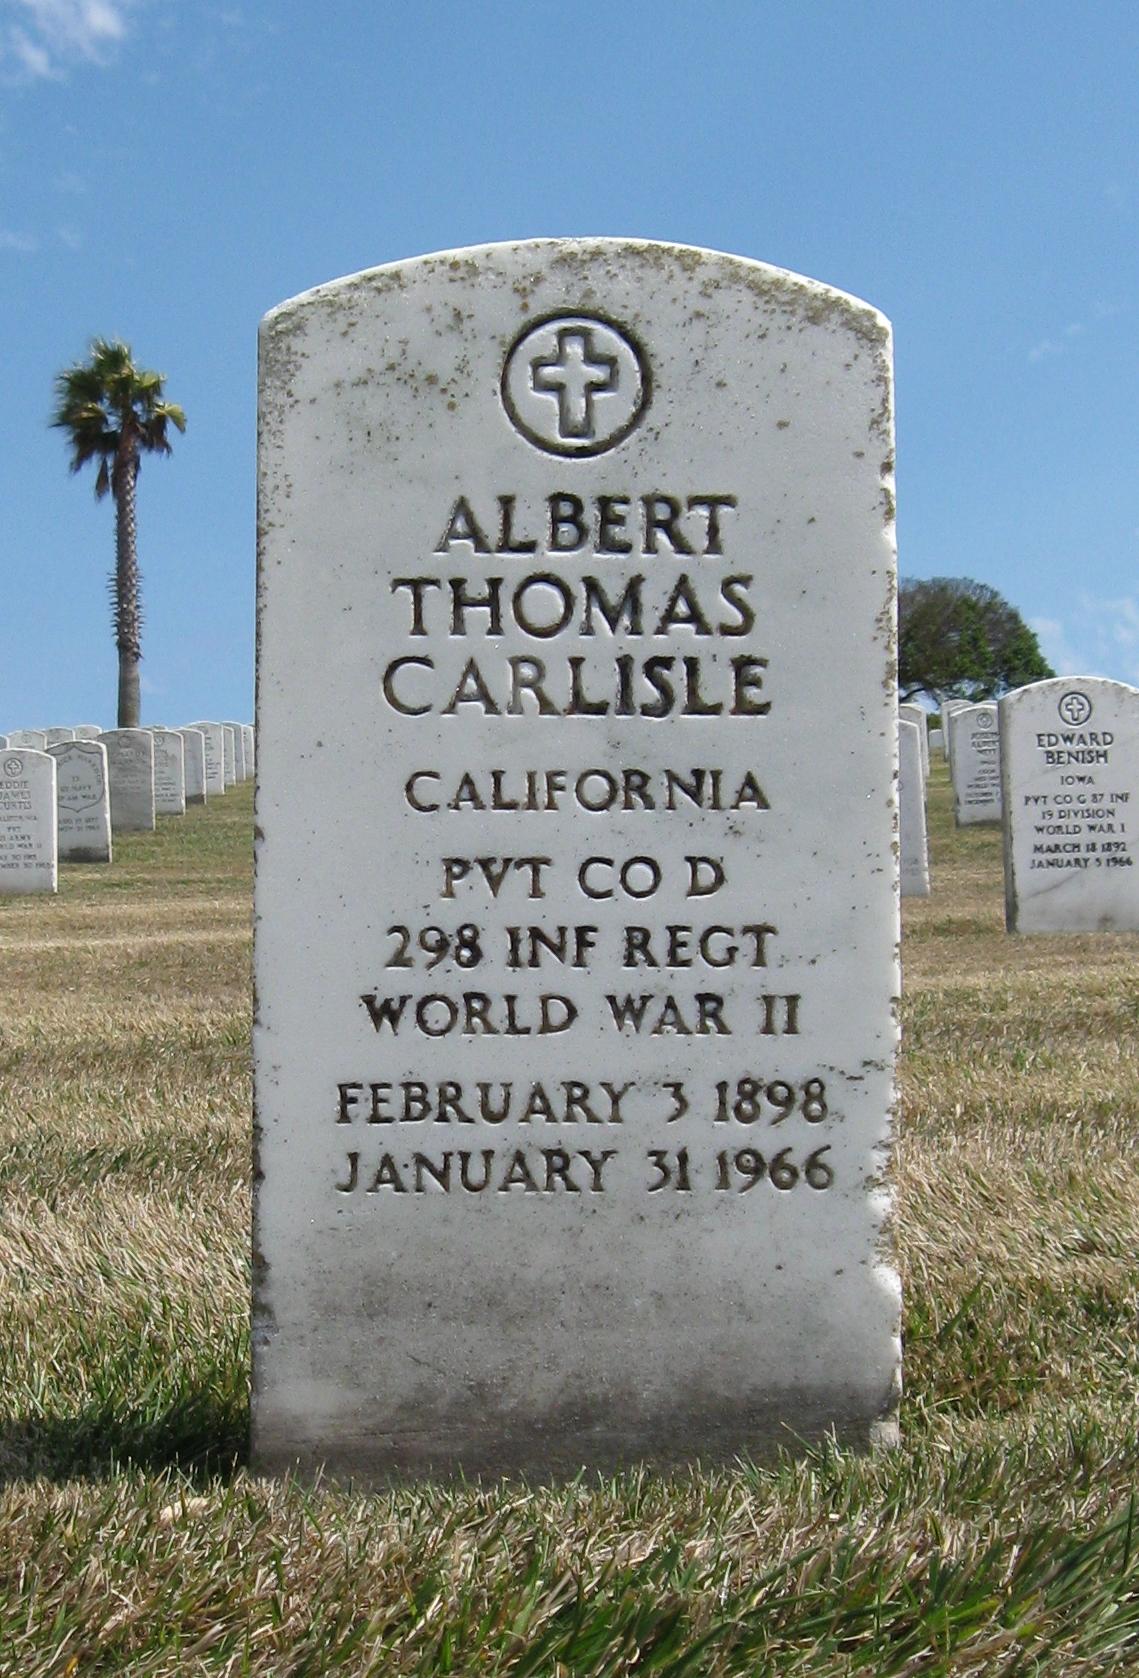 Albert Thomas Carlisle